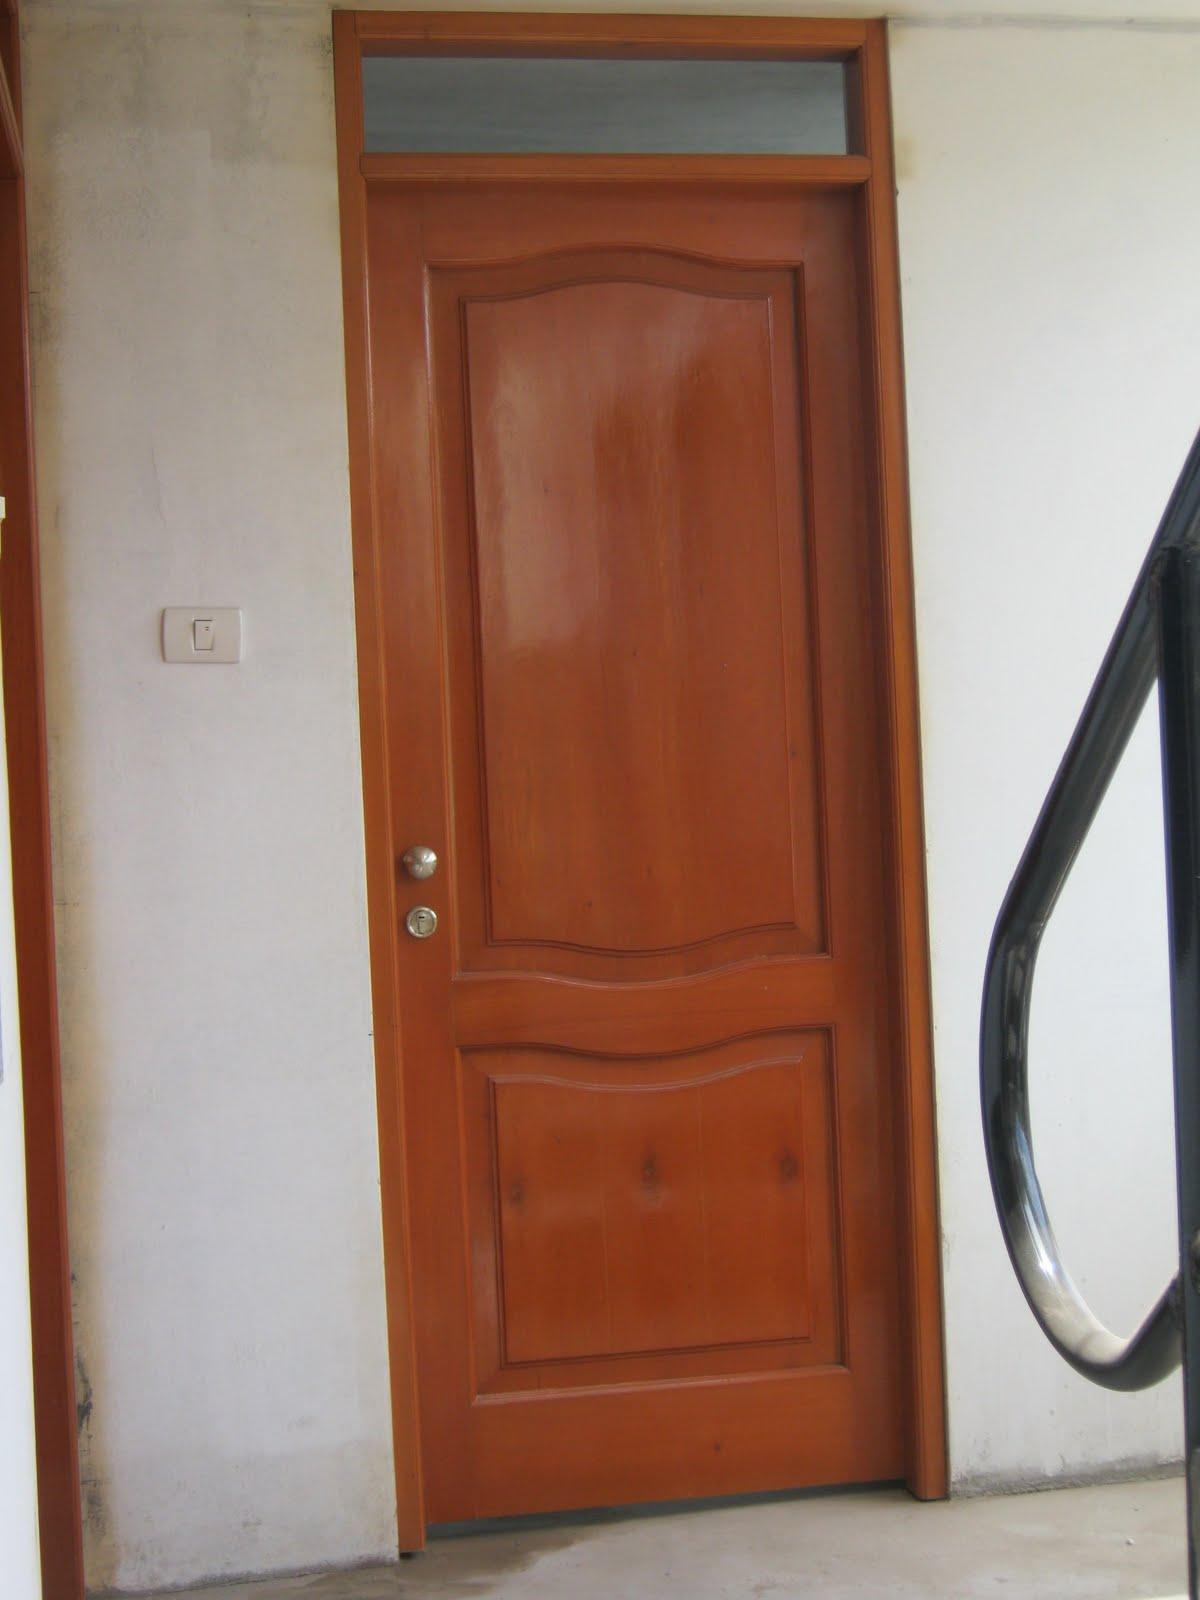 Comprar ofertas platos de ducha muebles sofas spain - Puertas de entrada de madera ...